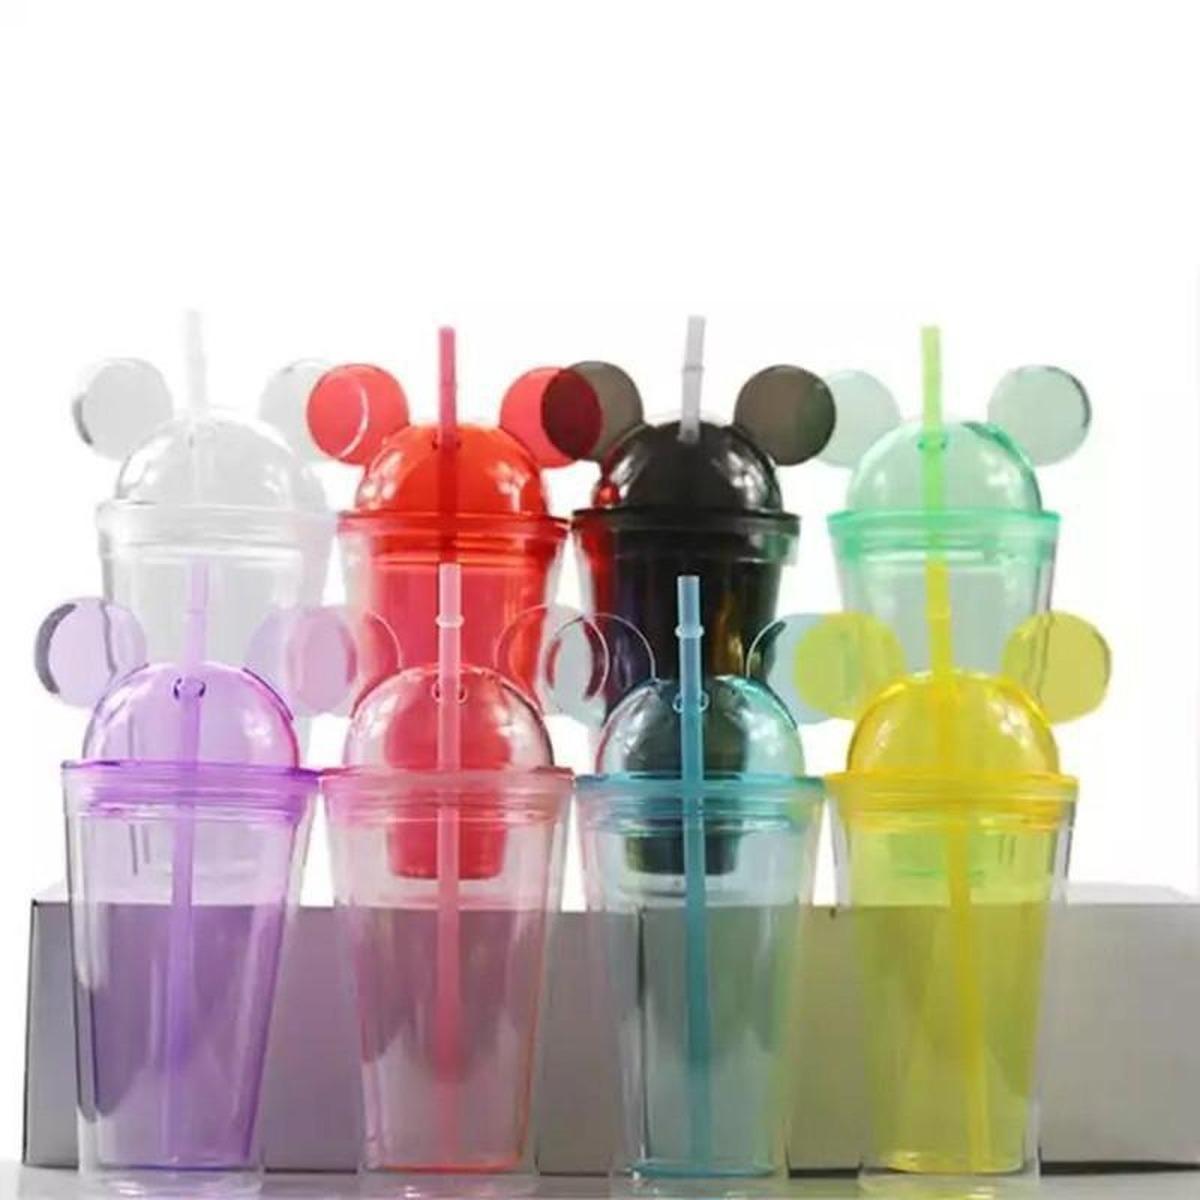 Mur de gobelet 15 oz dans la gobelet avec couvercle de dôme réutilisable FY4301 Double souris Plastique acrylique transparent avec oreille stock et boisson mignonne paille mgxr